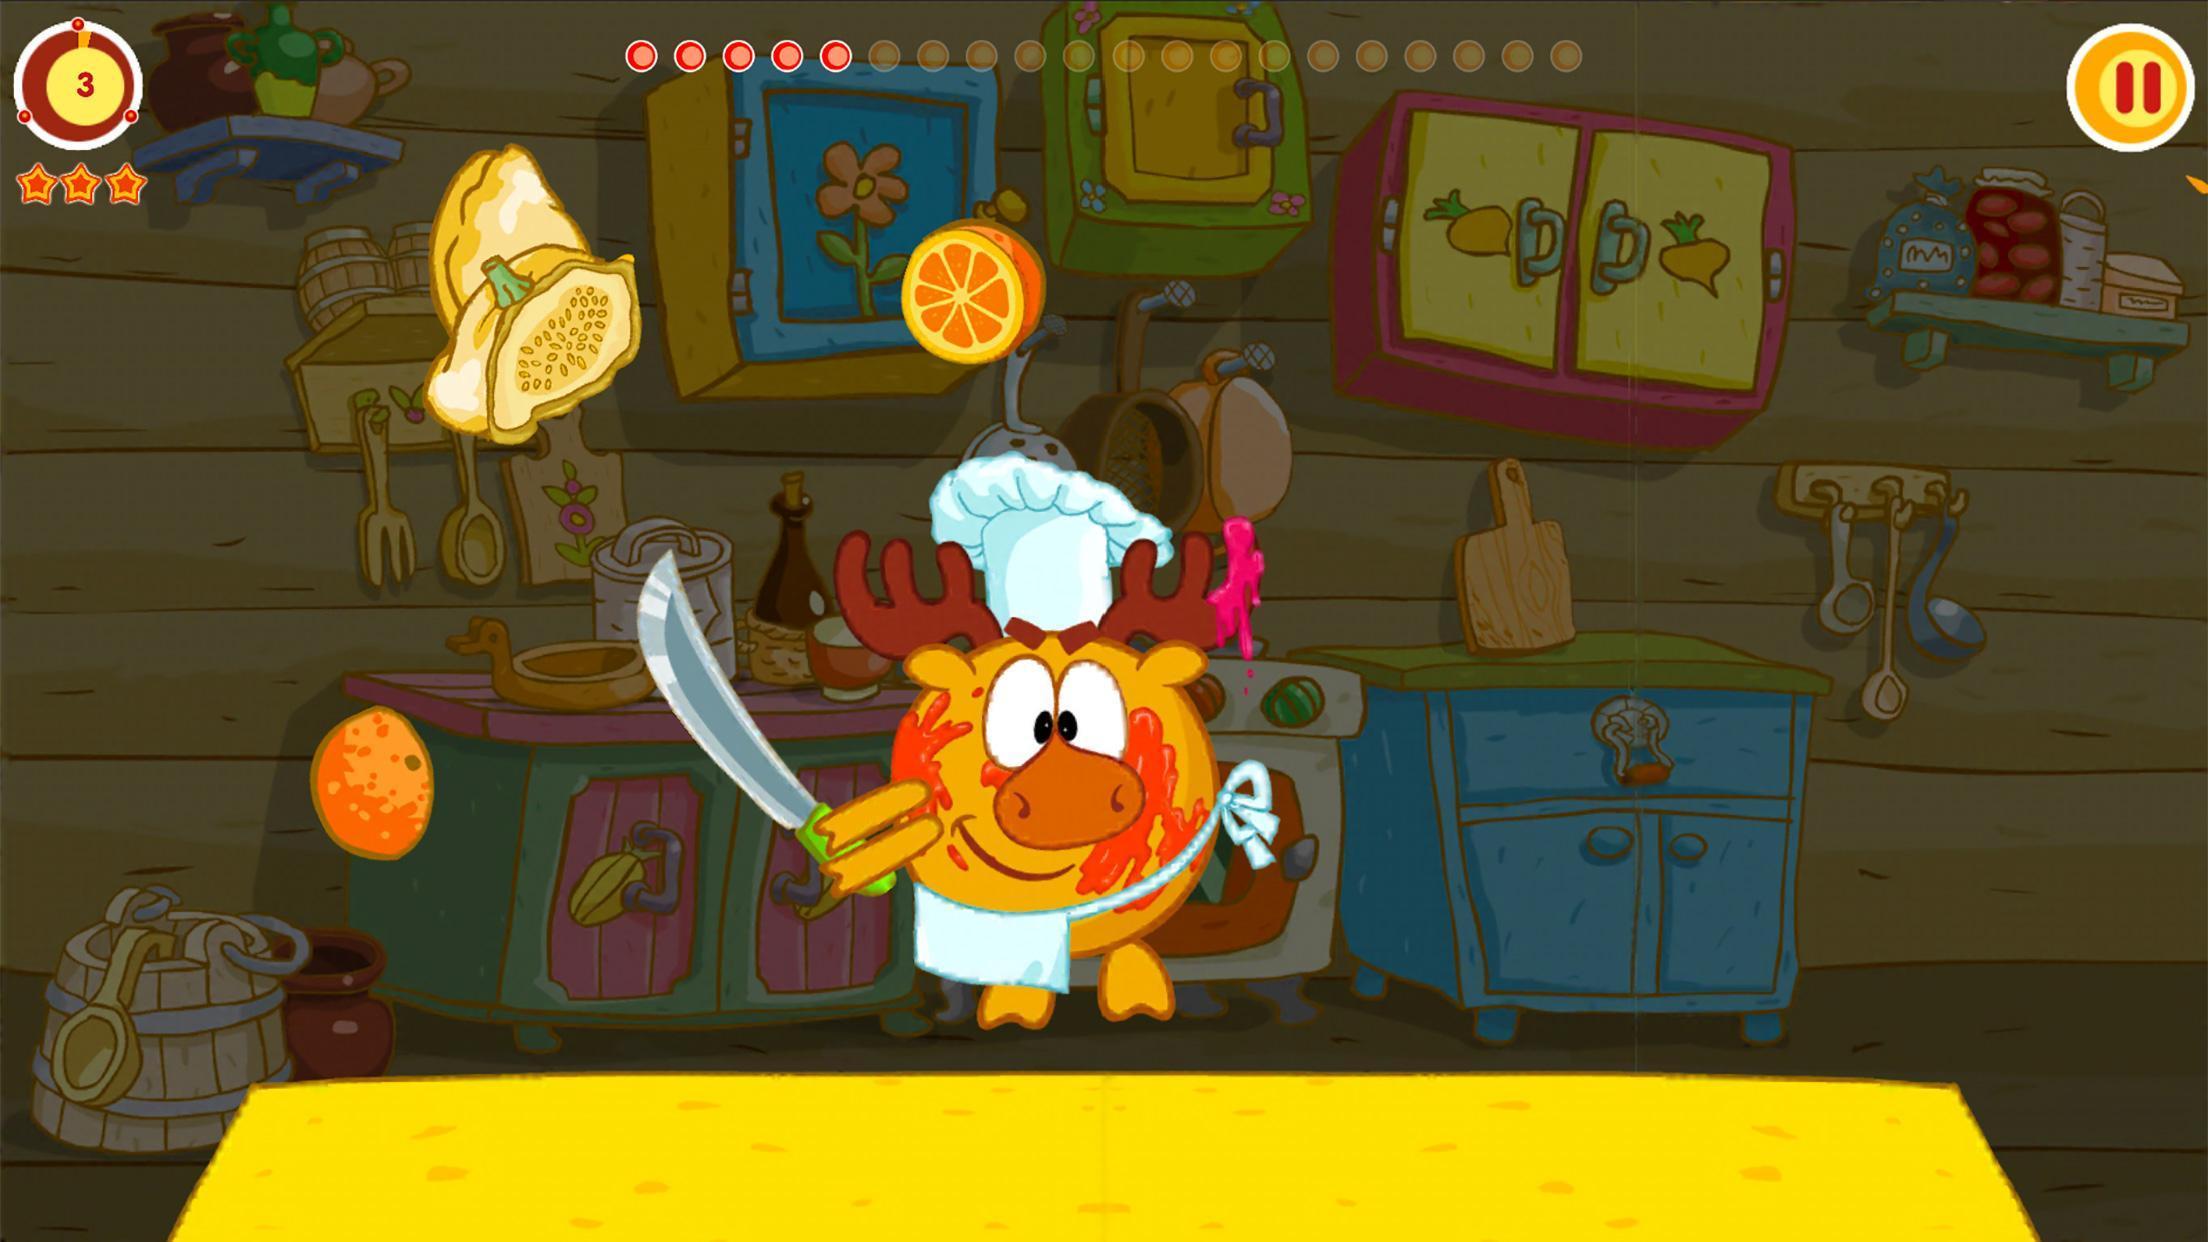 Смешарики. Кулинария 1.2.9 Screenshot 4